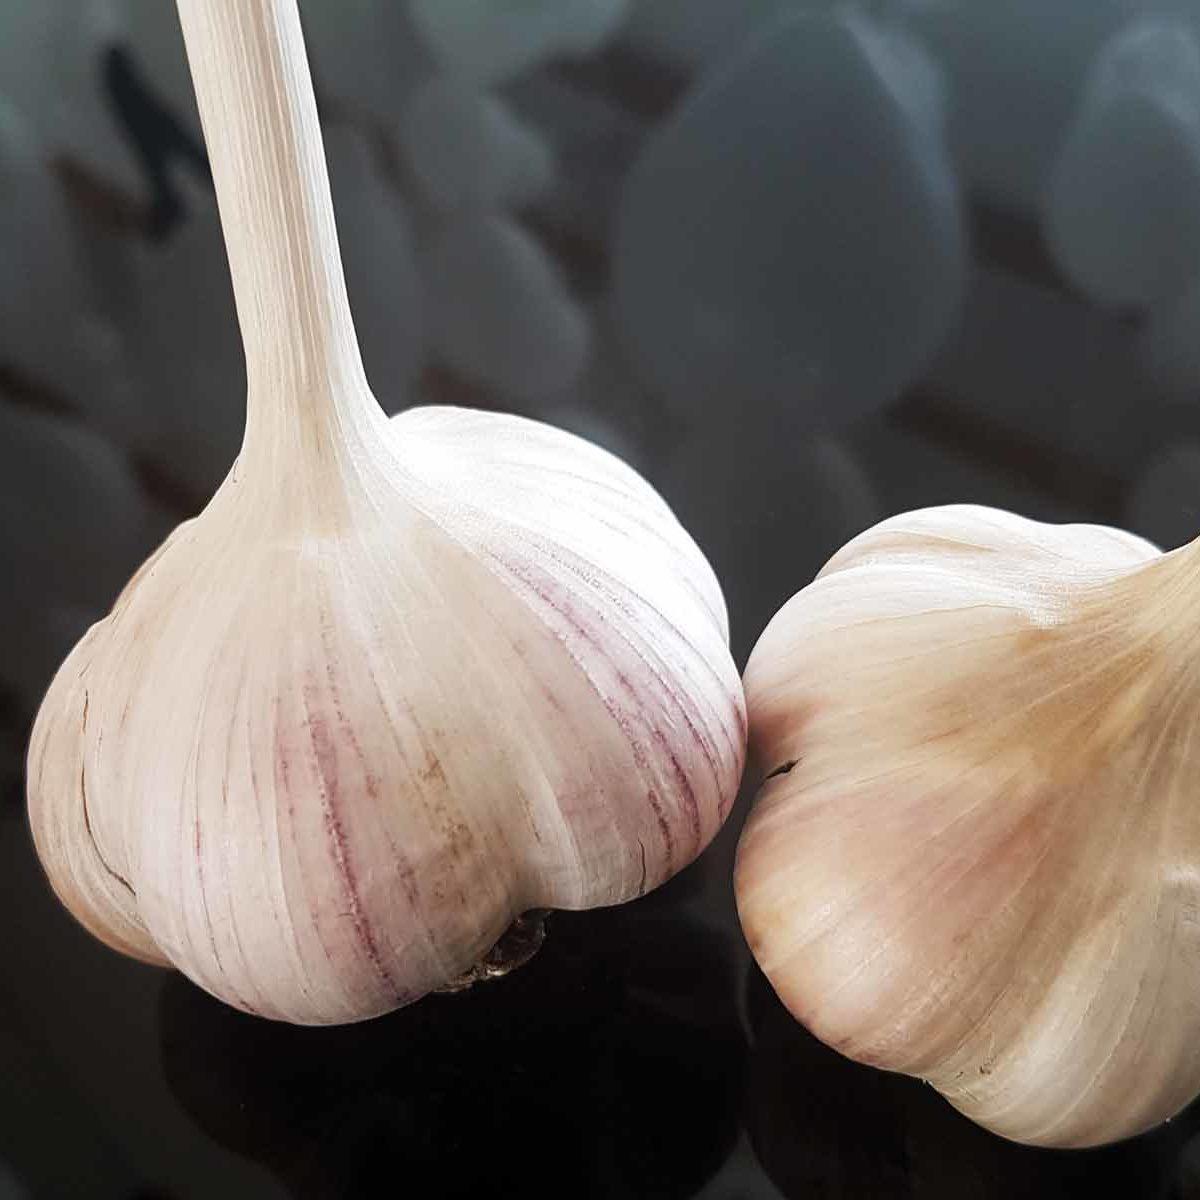 Сорта чеснока озимого с фото: лучшие и хорошие, нестрелкующиеся, самые крупные, а также описание видов скиф, грибовский и жеребец